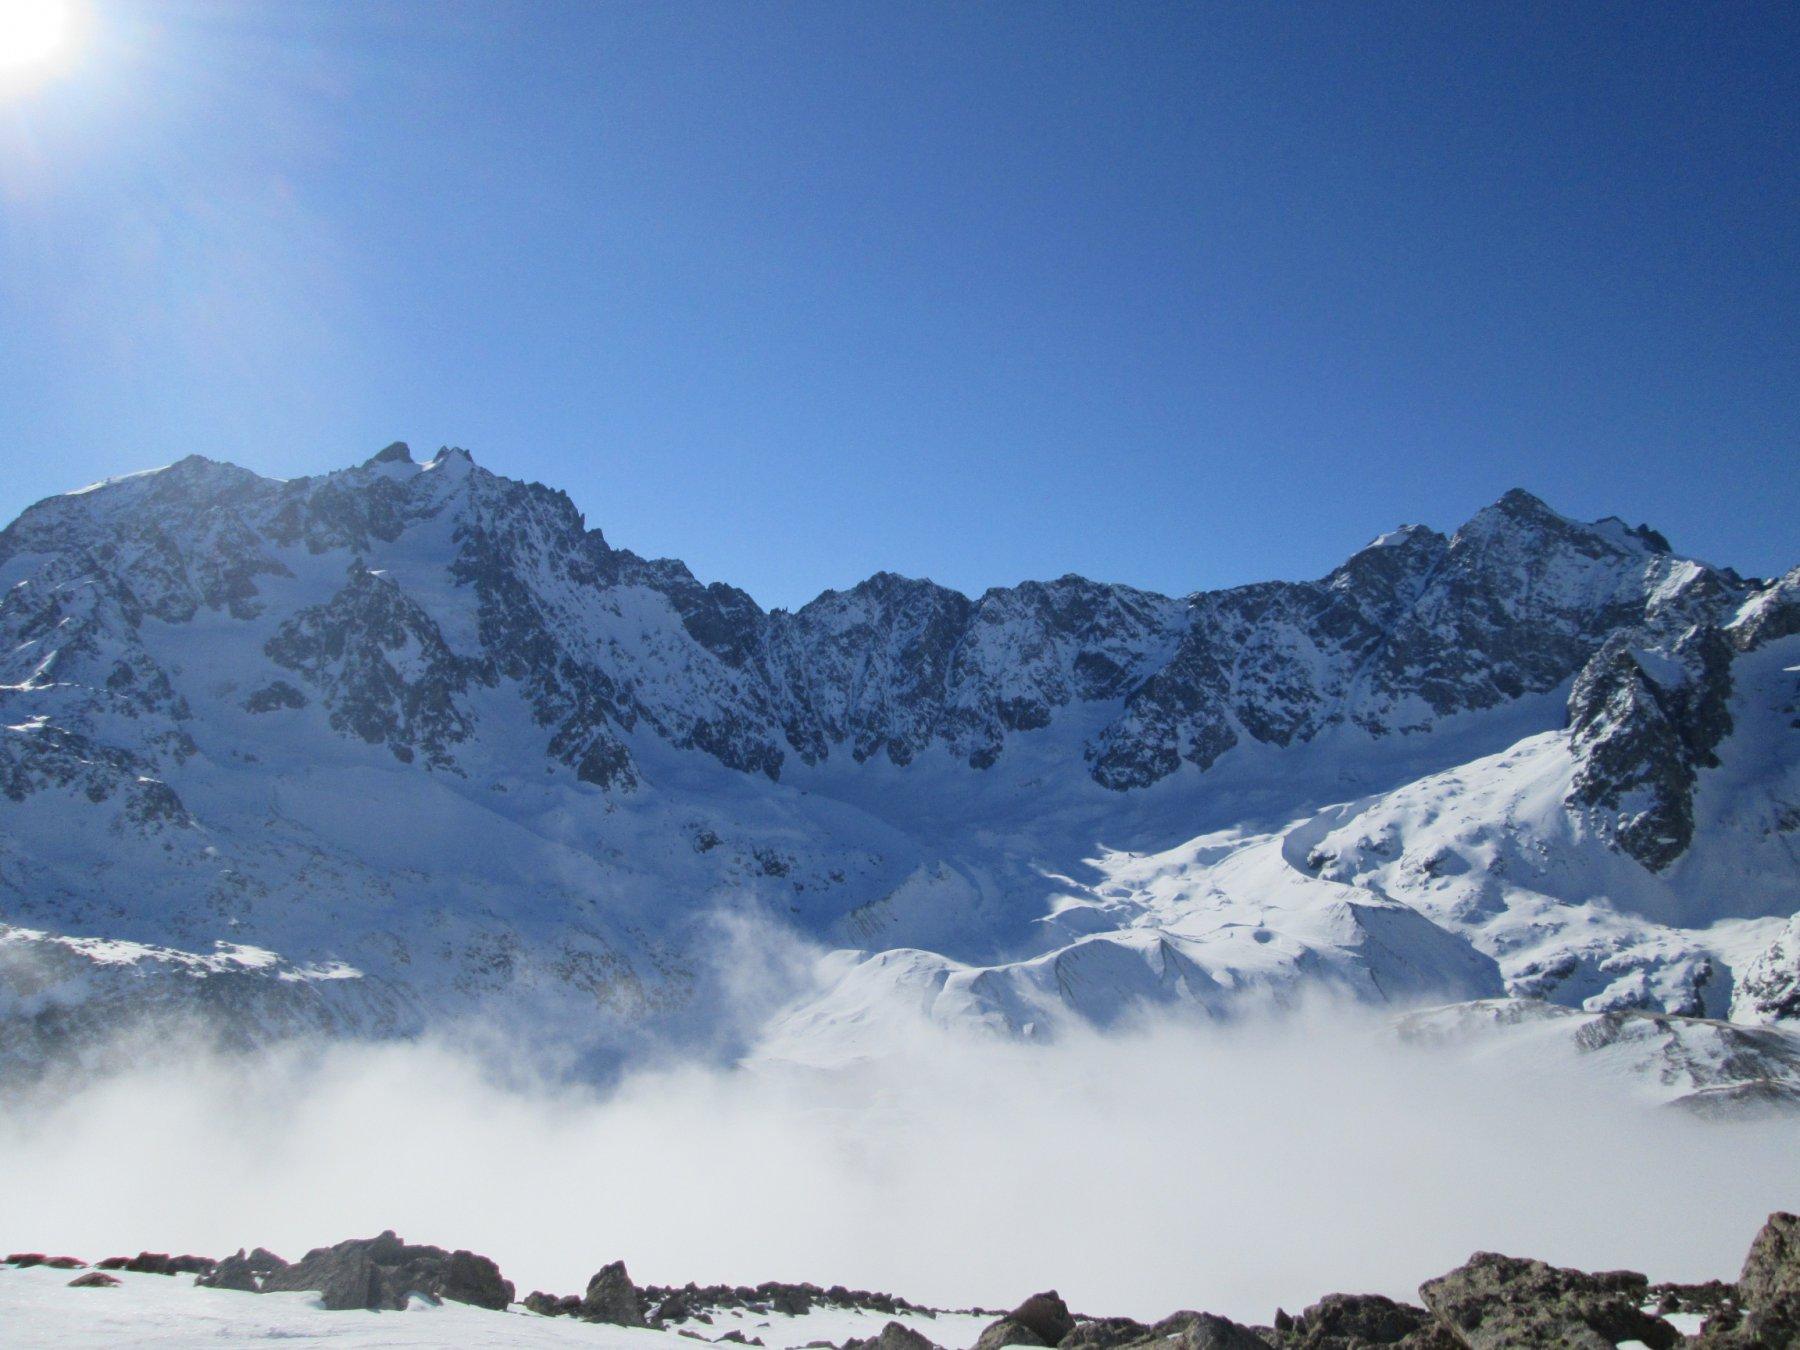 Les Agneaux  a sinistra e Pic de Neige Cordiere a destra